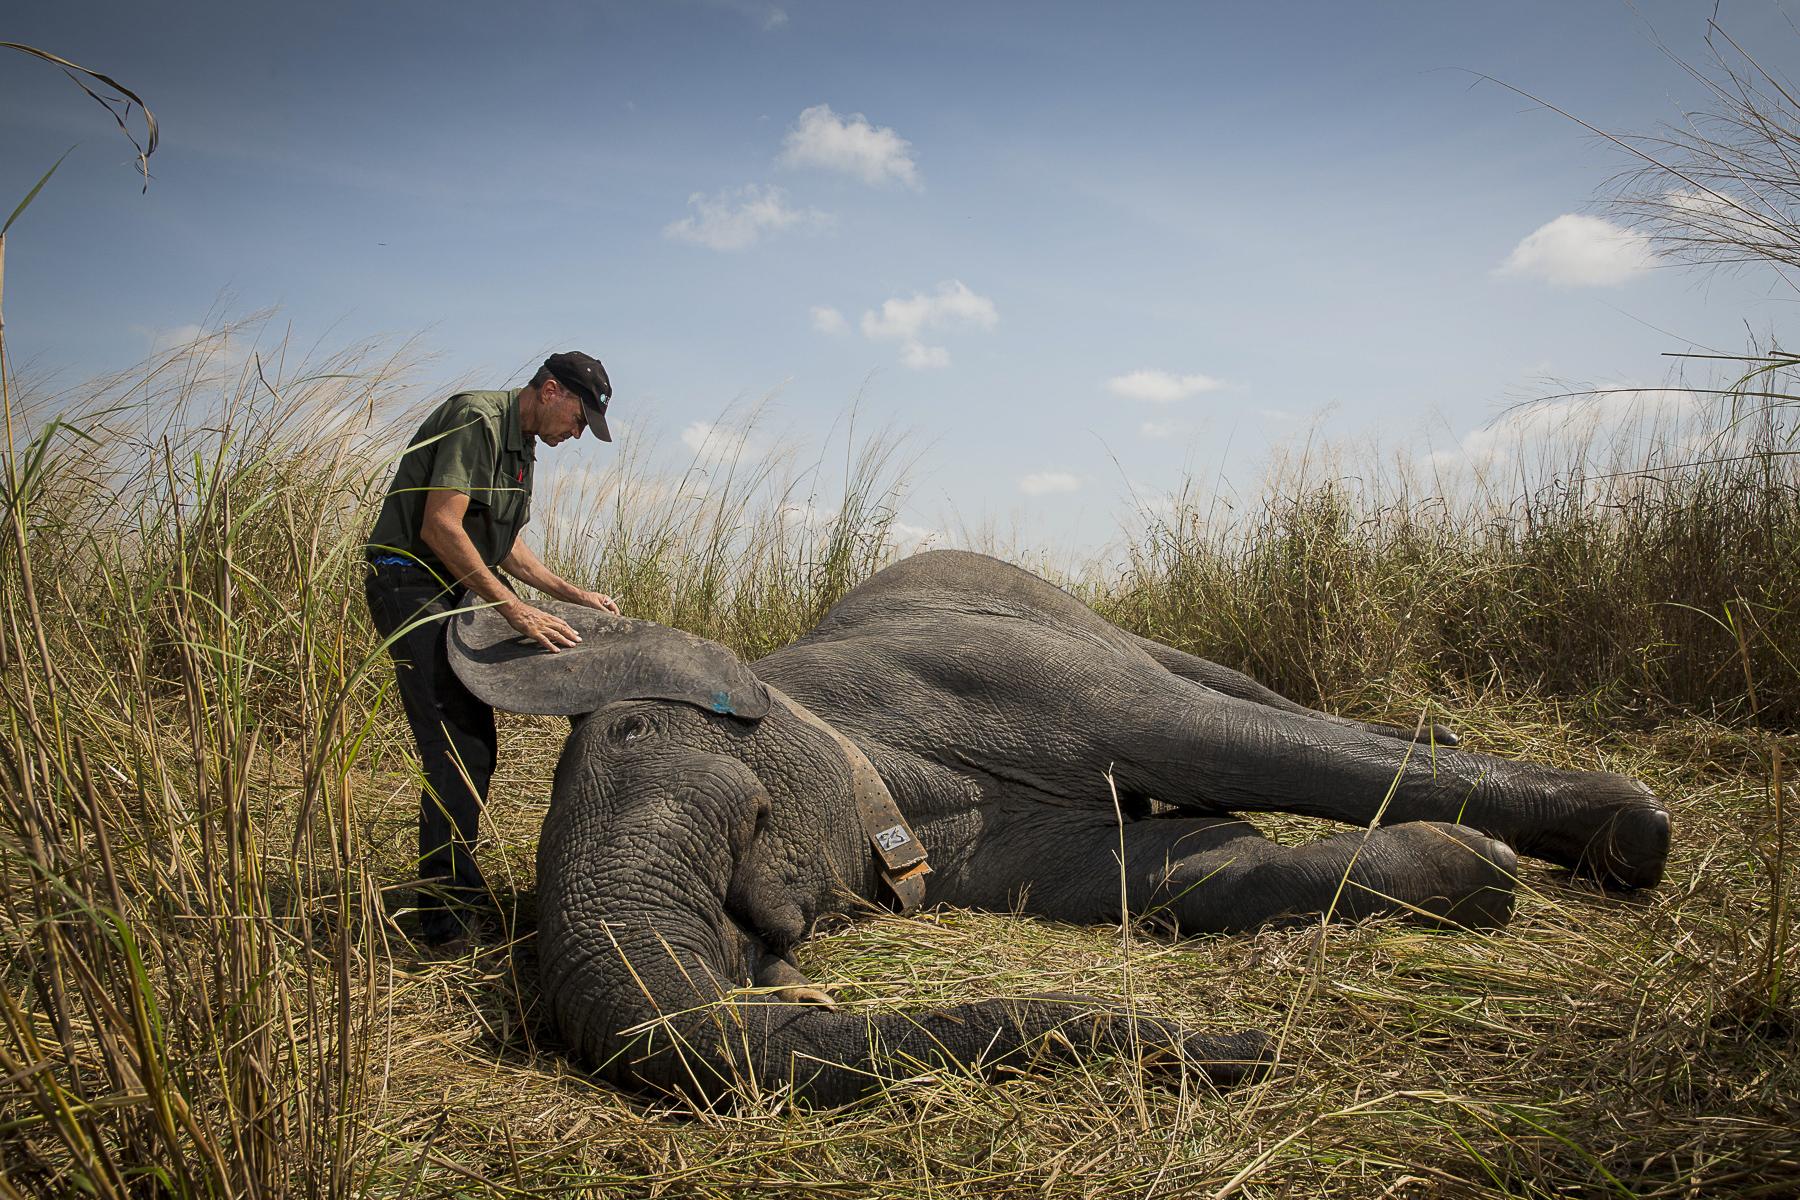 RDC, mars 2014. Le veterinaire sud africain Pete Morkel va injecter un antidote à un éléphant du parc de la Garamba pour le réveiller.DRC, March 2014. South African veterinary Pete Morkel is about to inject an antidote to an elephant of Garamba Park to wake him up.